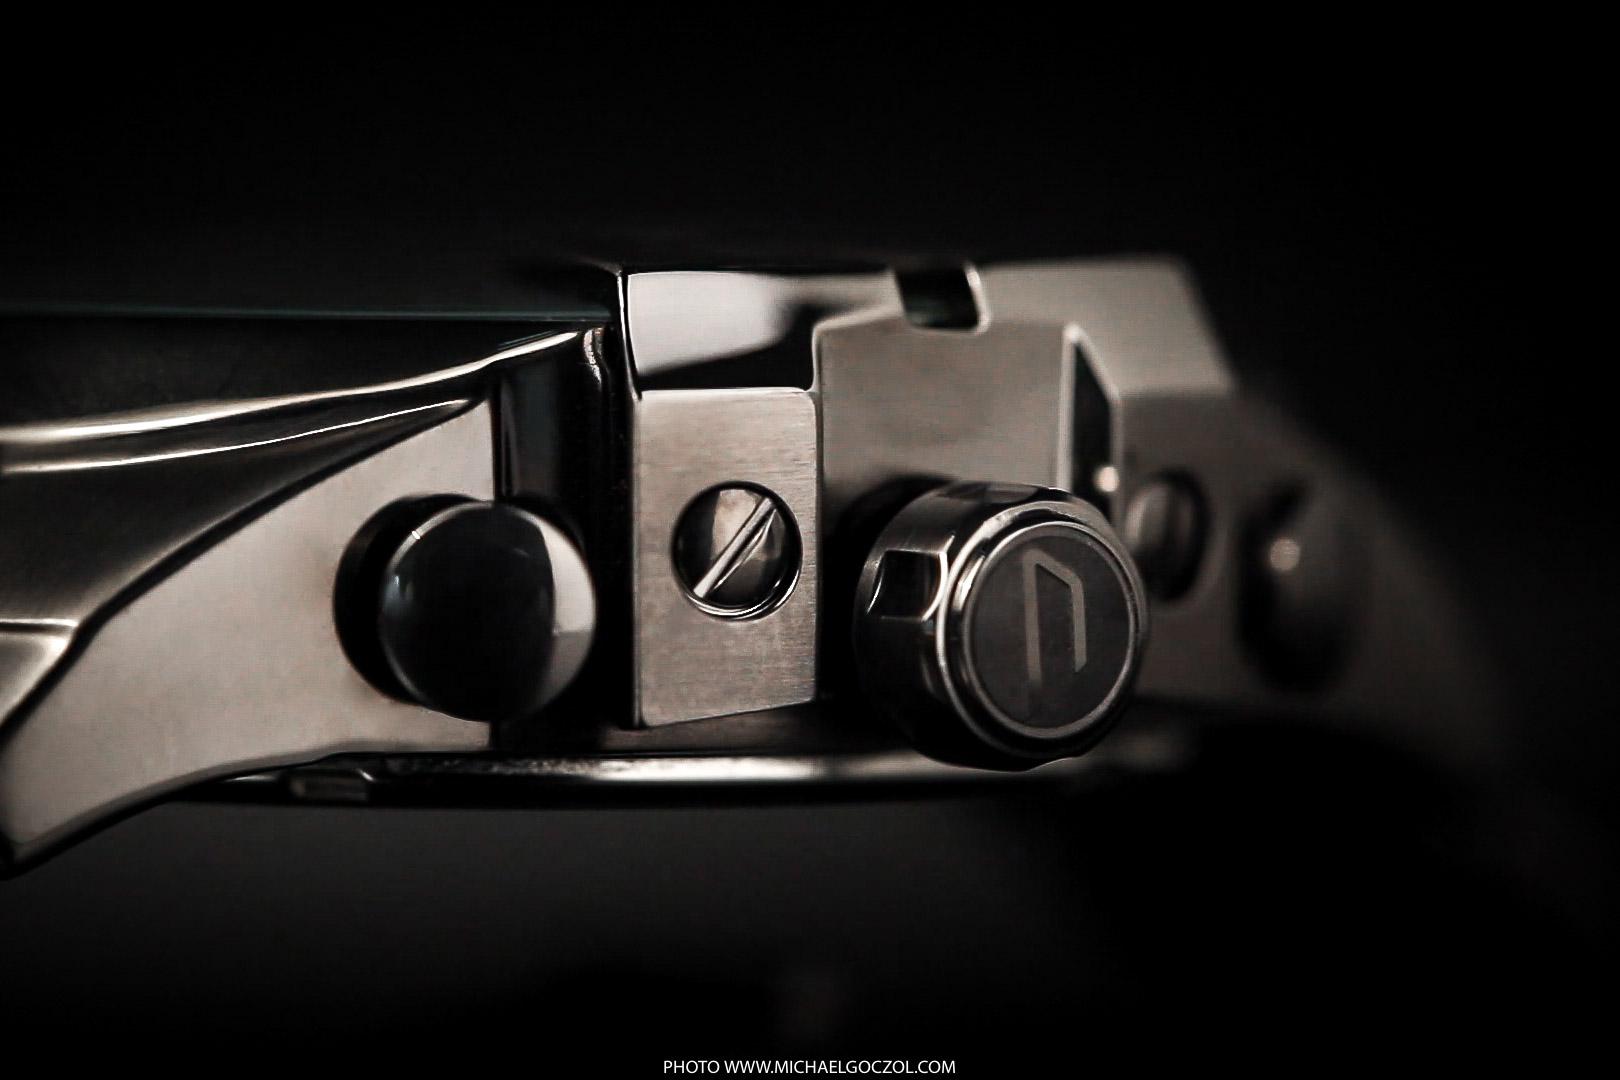 Produktfotografie-Produktfotos-Stilllifefotografie-Stillleben-Stilllife-Produktfotograf-Frankfurt-47